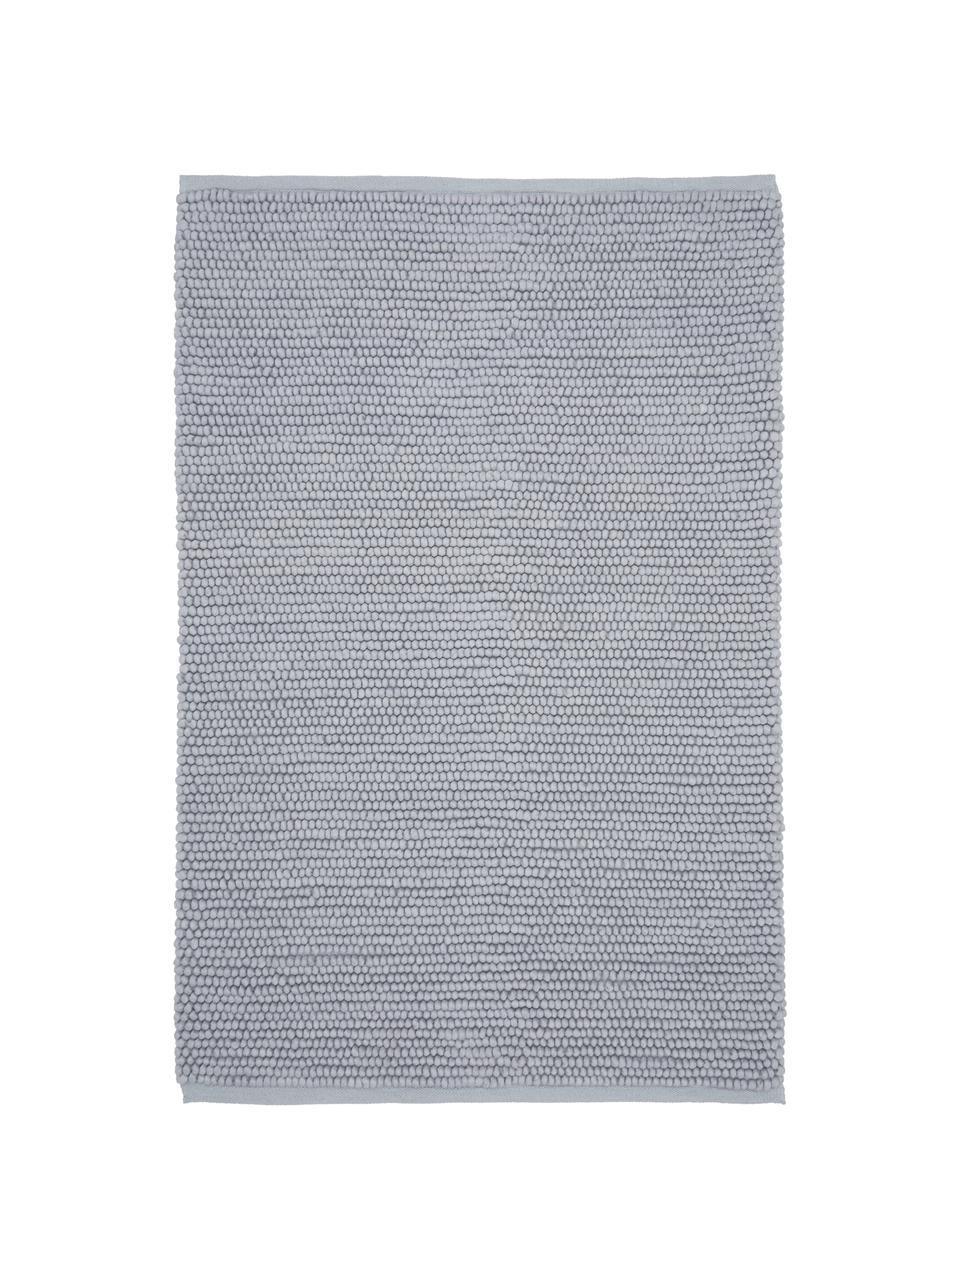 Tappeto in lana color grigio chiaro Pebble, 80% lana della Nuova Zelanda, 20% nylon, Grigio, Larg. 80 x Lung. 150 cm (taglia XS)